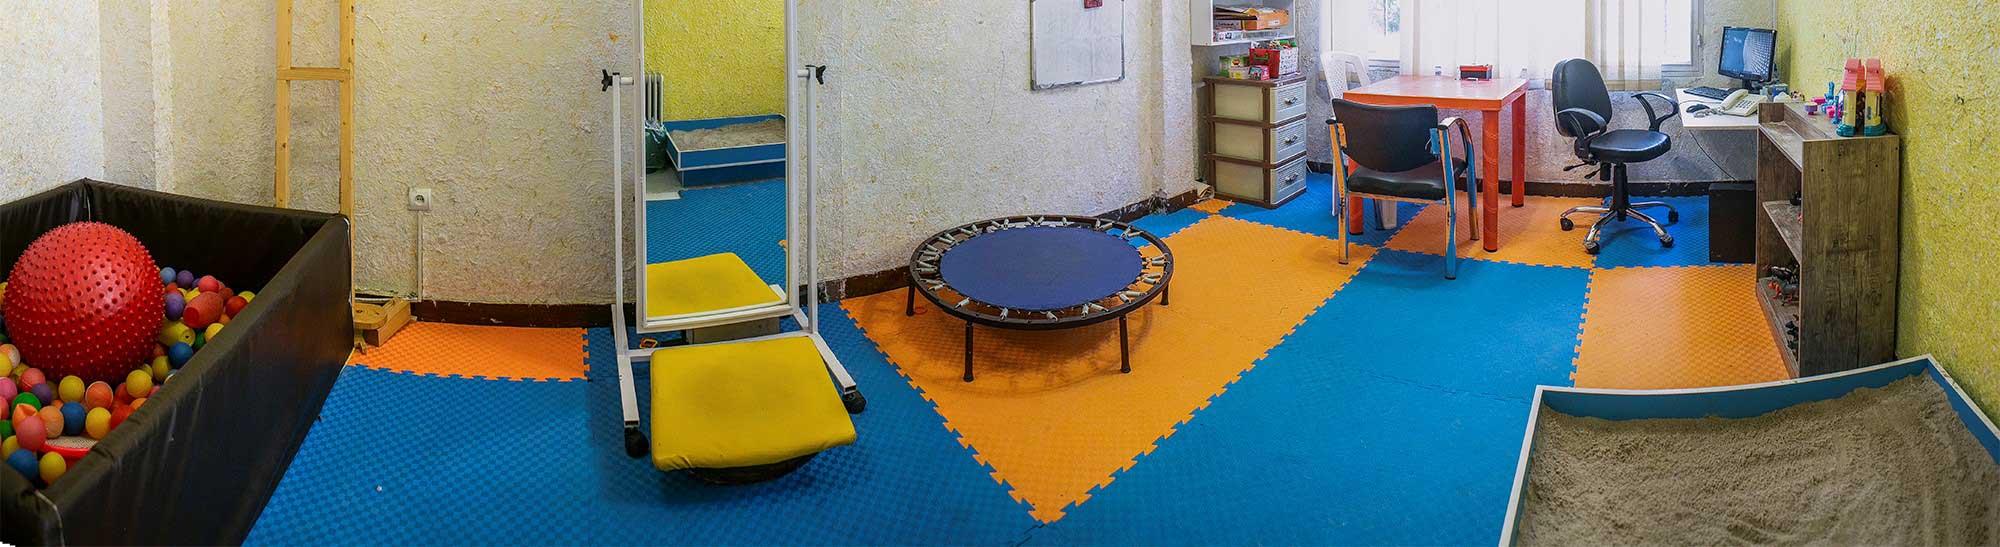 بازی درمانی و مشاوره روانشناسی کودک